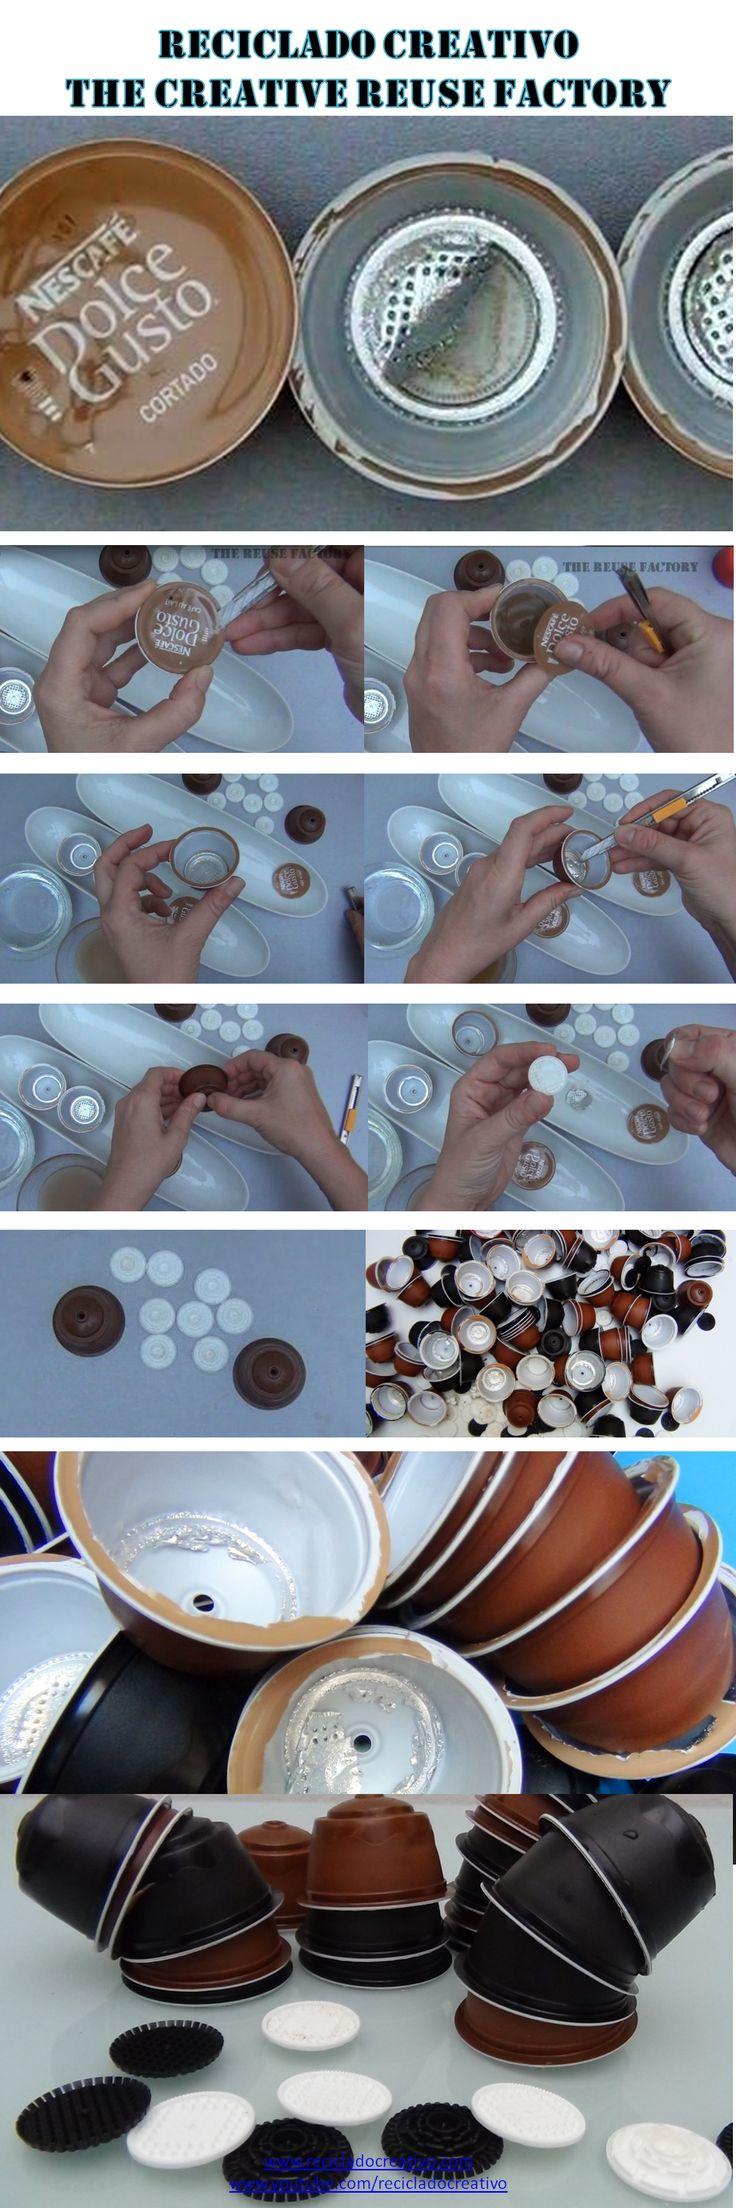 c mo limpiar y preparar para reciclar las c psulas de caf dolce gusto. Black Bedroom Furniture Sets. Home Design Ideas